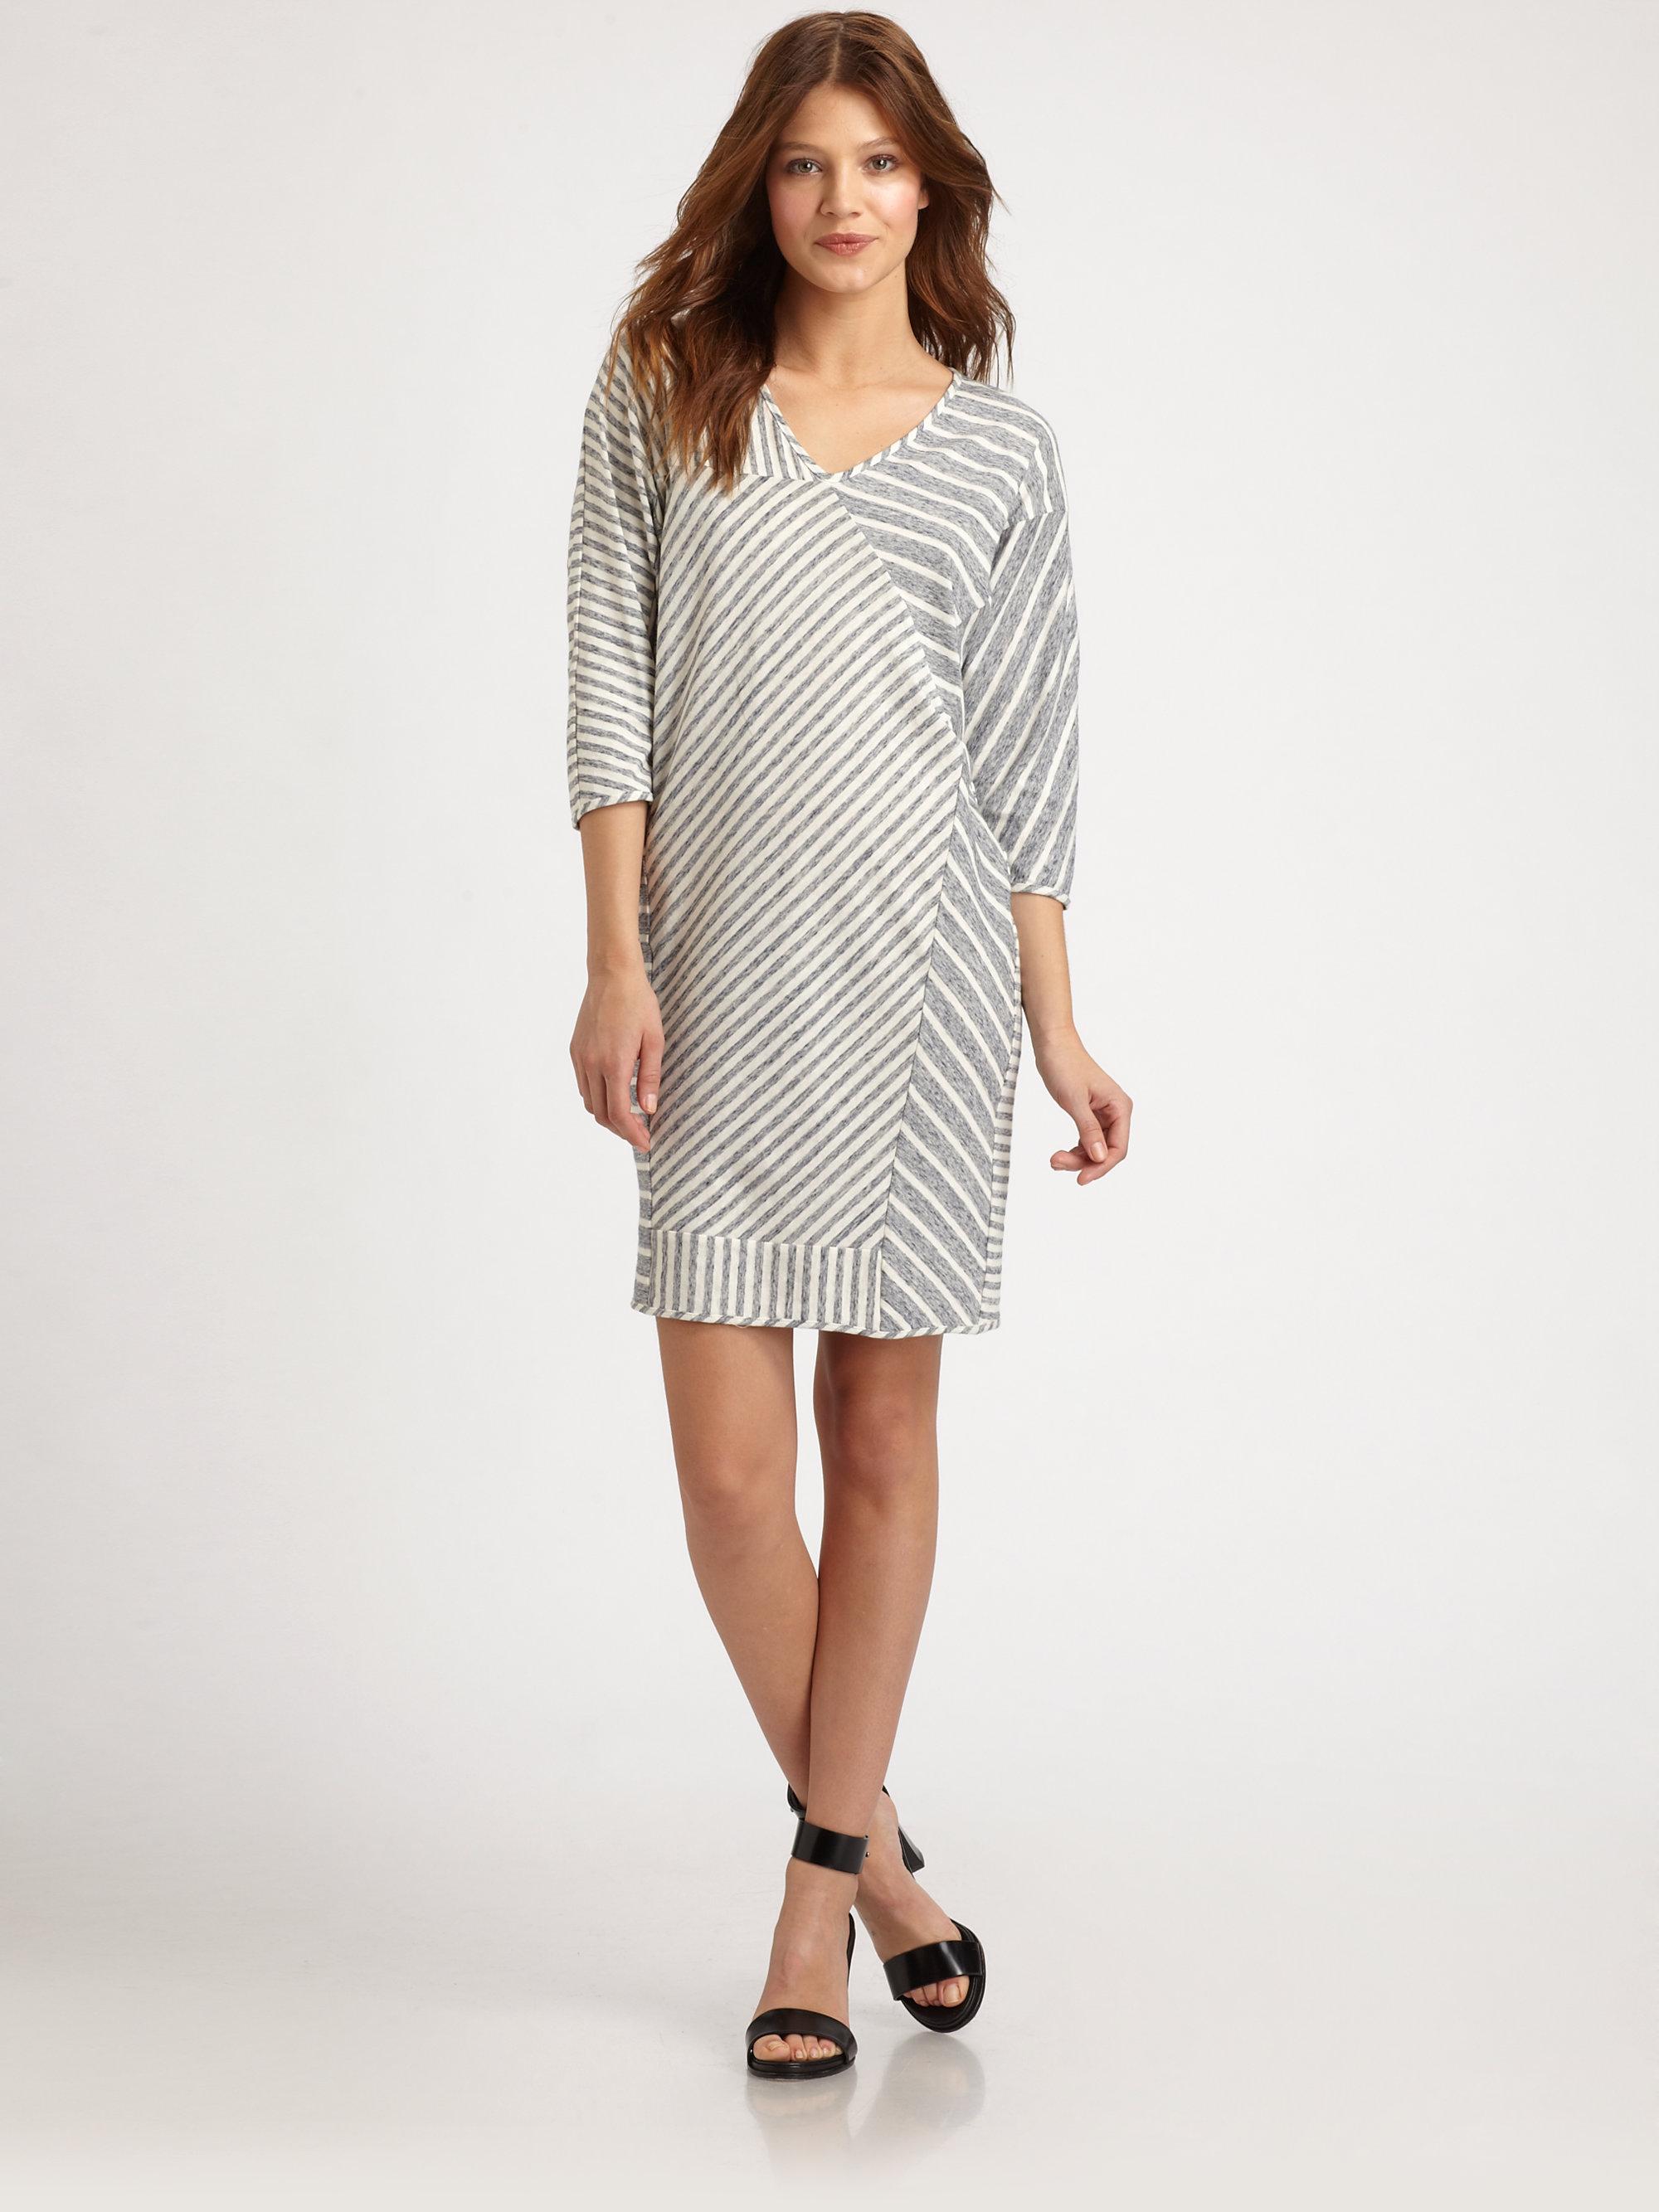 10 Crosby Derek Lam Asymmetrical Striped Dress In Gray